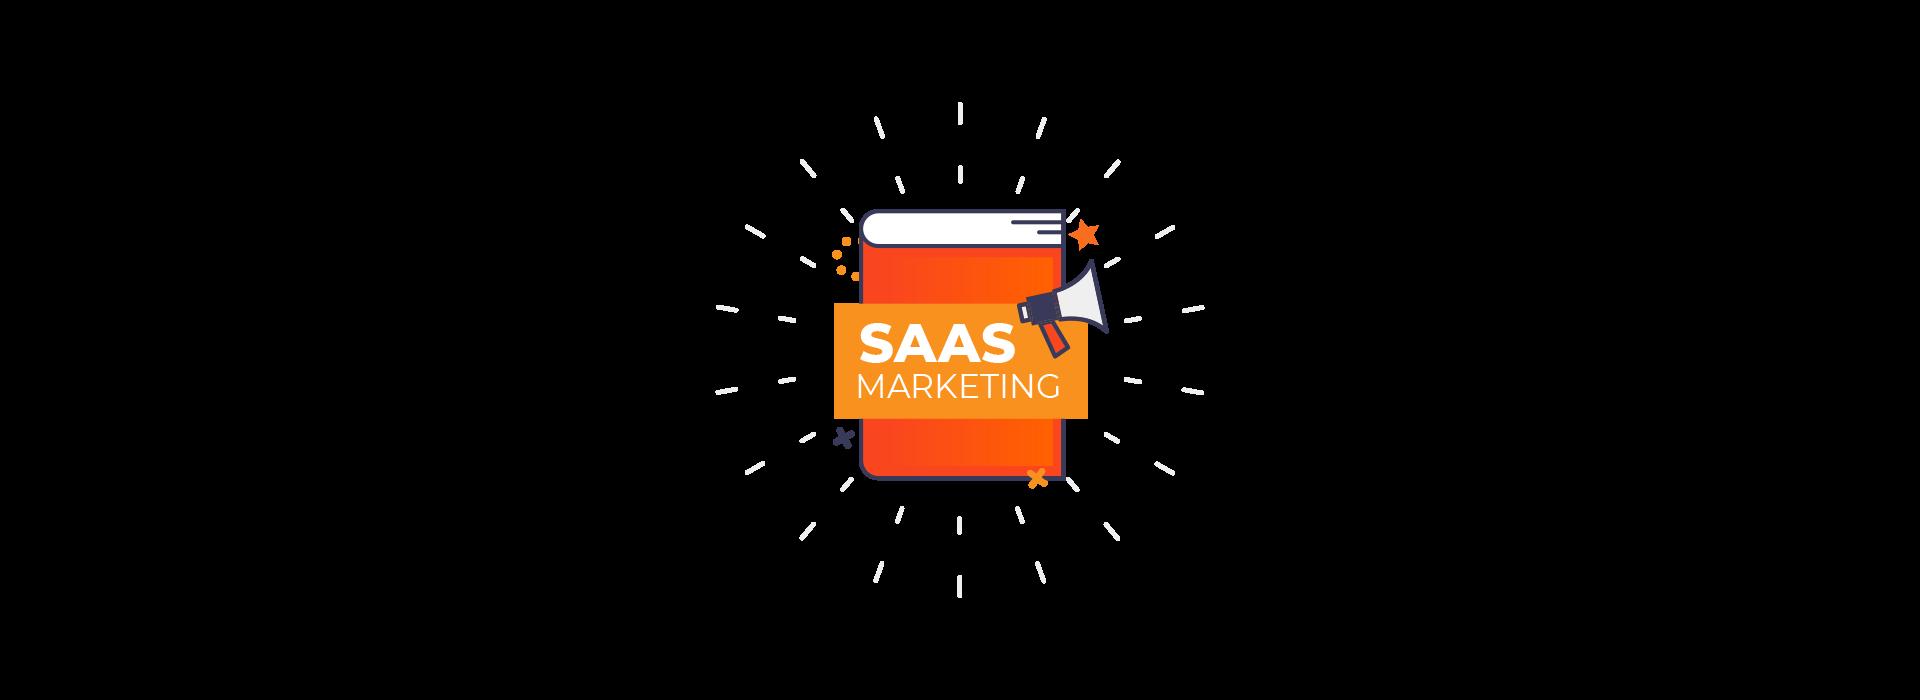 SaaS-Marketing-Guide-hero-desktop